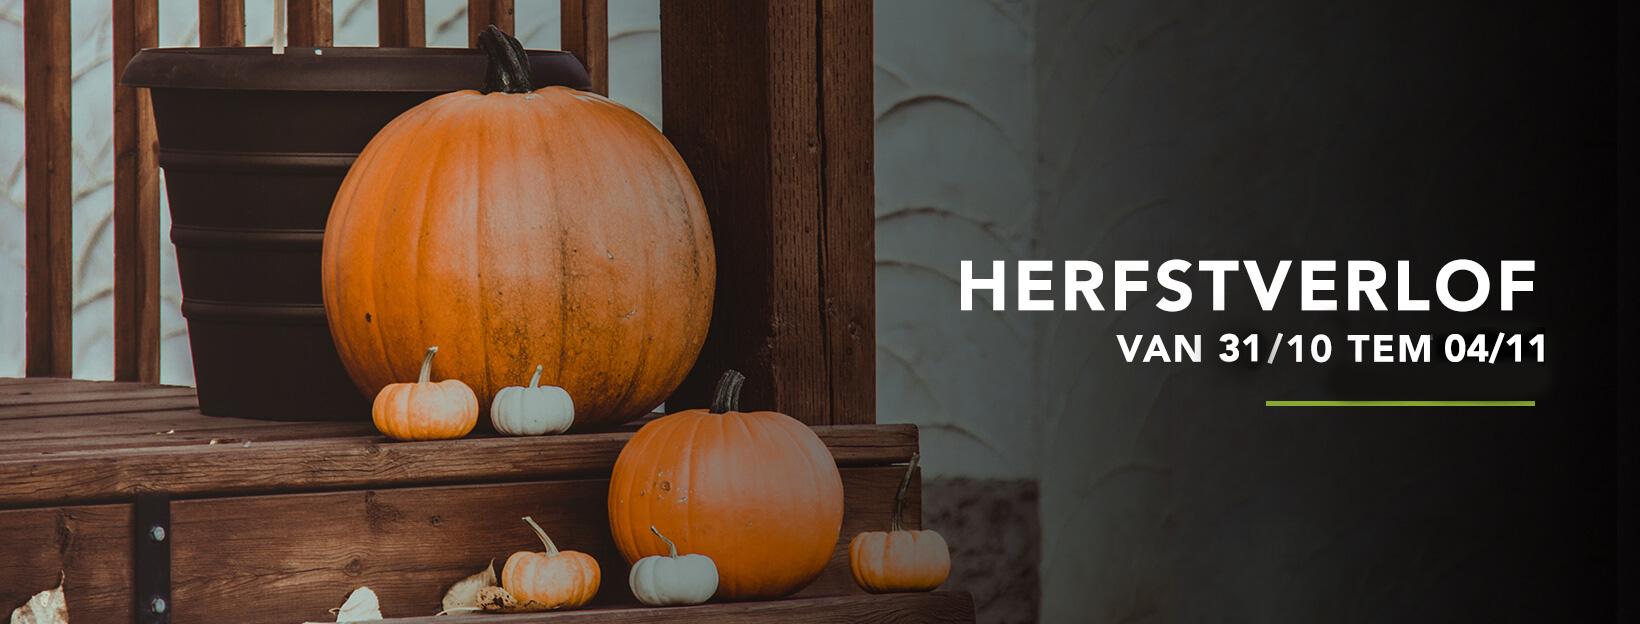 Herfstverlof - 31 oktober t.e.m. 4 november.